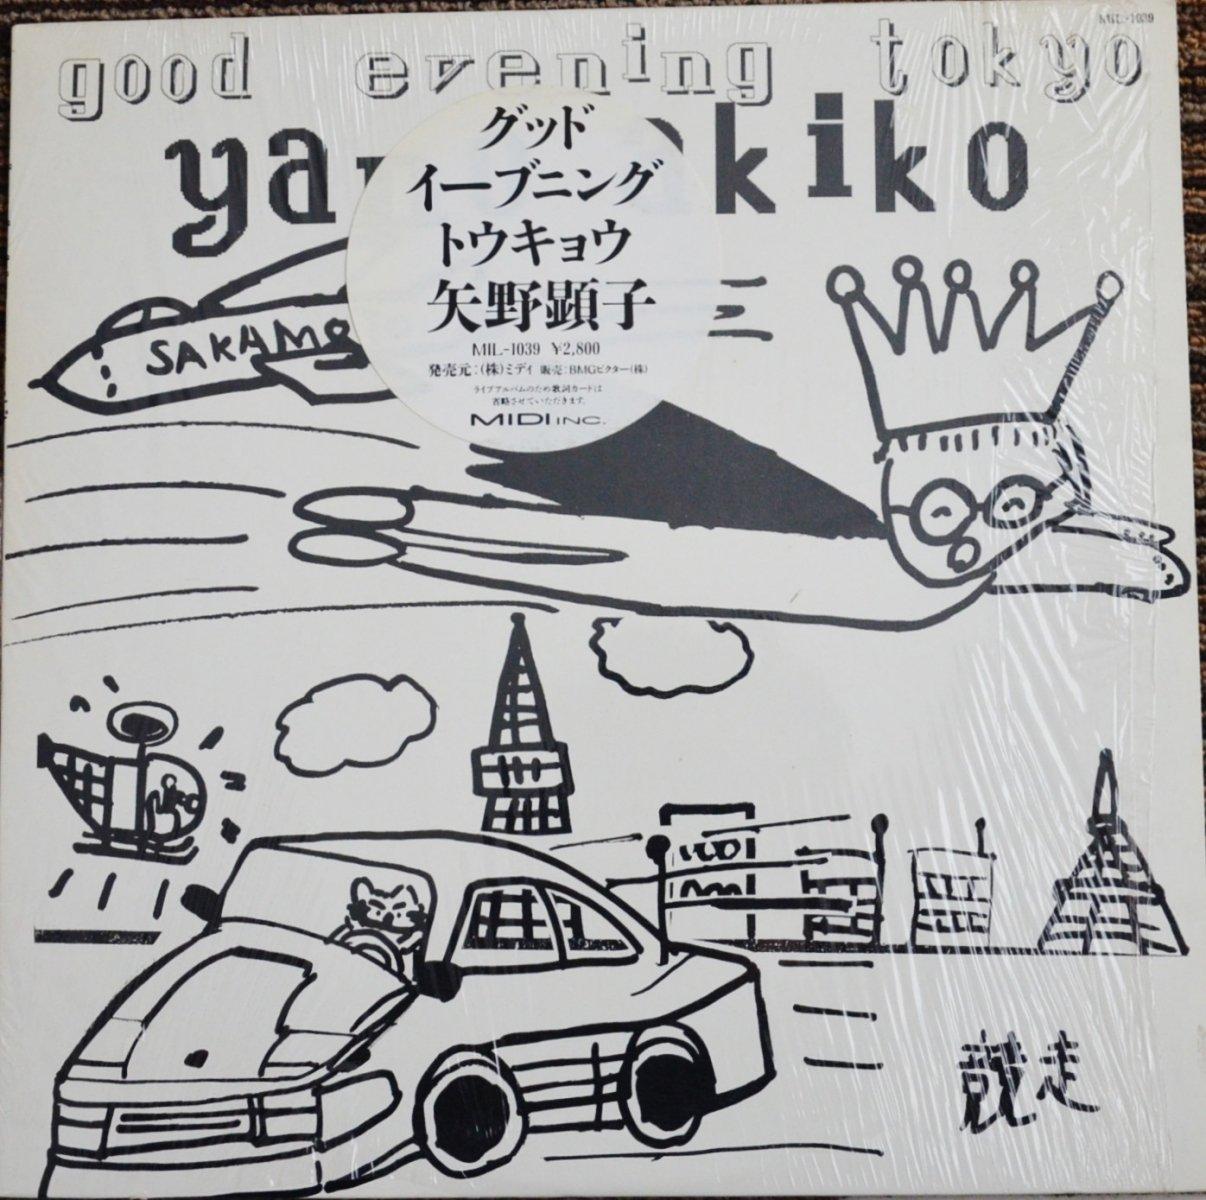 矢野顕子 AKIKO YANO / グッド・イーブニング・トウキョウ GOOD EVENING TOKYO (LP)